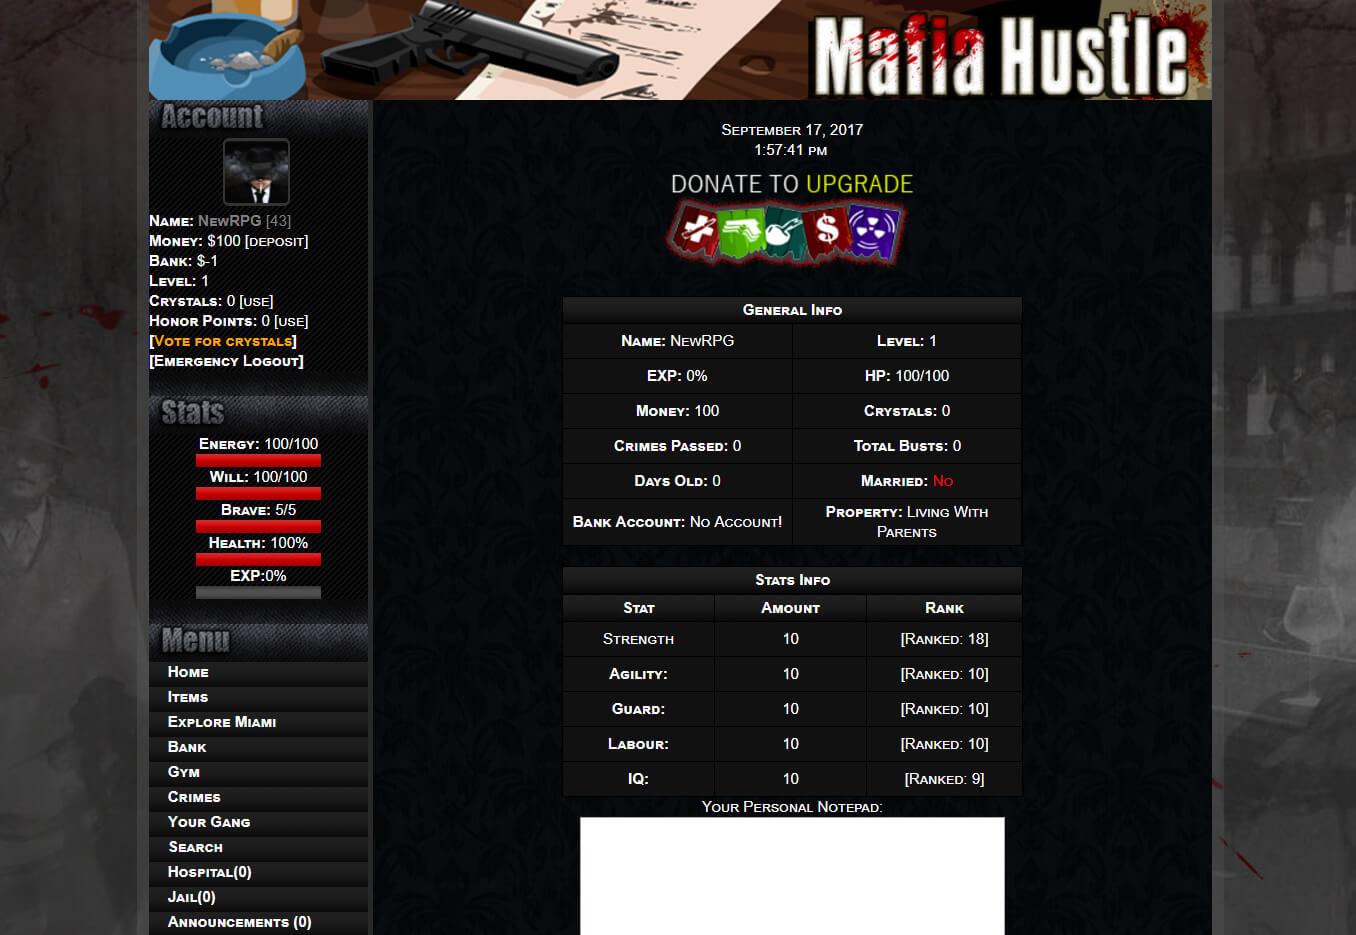 Mafia Hustle